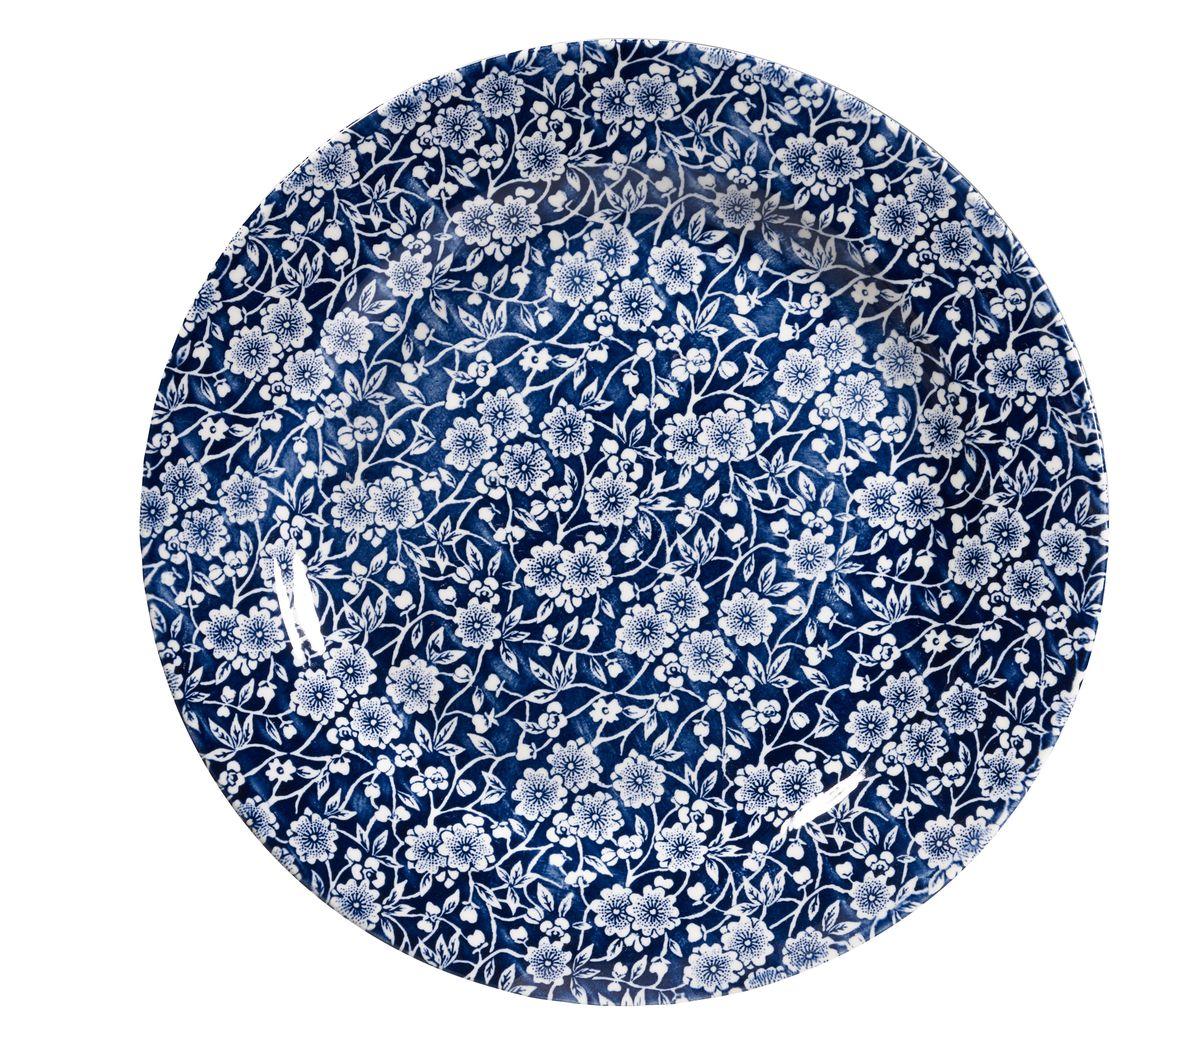 Тарелка обеденная Churchill, цвет: синий, диаметр 26 см. CABL00071CABL00071Викторианский стиль Отличается традиционным орнаментом, сочетает маленький рисунок цветов с богатым синим цветом. Можно мыть в посудомоечной машине Можно использовать в микроволновой печи Внимание: посуда с позолоченным орнаментом запрещена для использования в микроволновой печи, т.к. металлическая позолота может привести к искрообразованию в камере микроволновой печи.